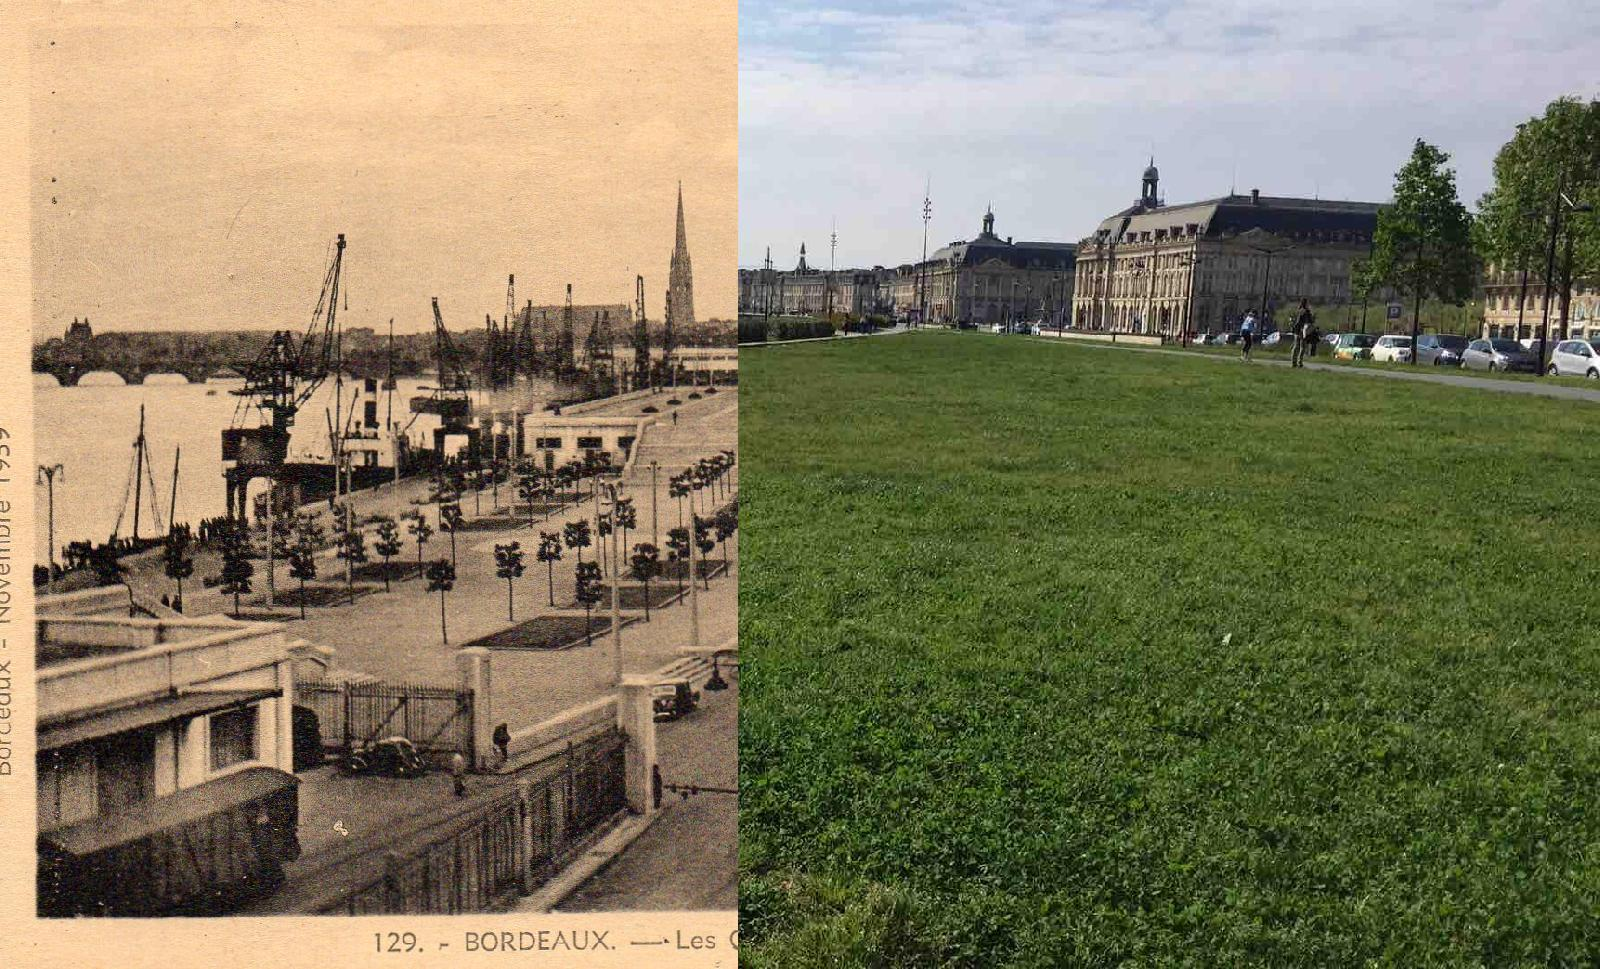 Bordeaux - Les quais face à l'esplanade des Quinconces et les hangars surplombés de terrasses